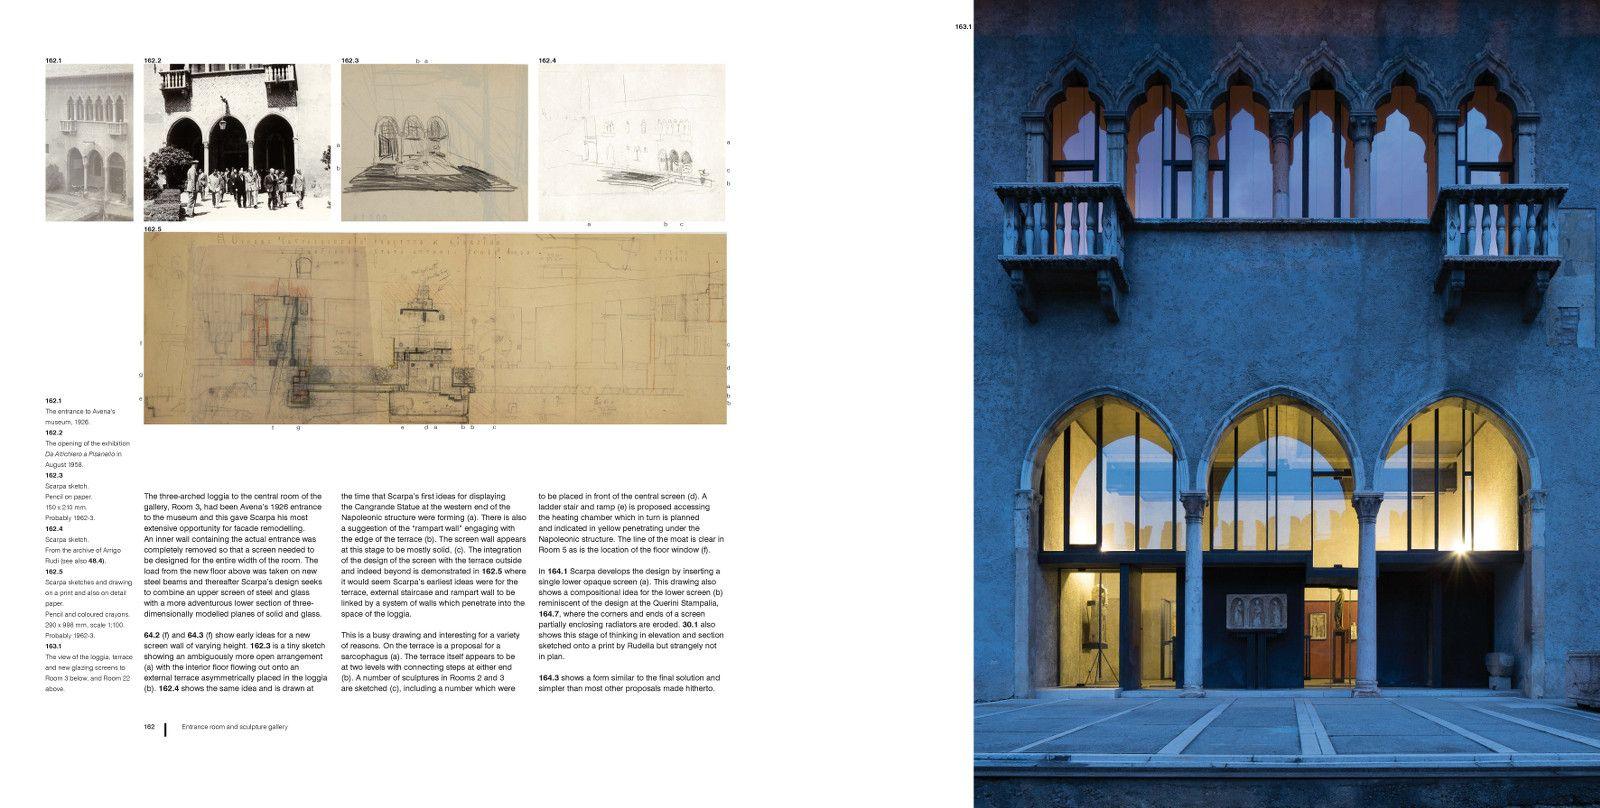 Carlo Scarpa And Castelvecchio Revisited Carlo Scarpa Ancient Architecture Steven Holl